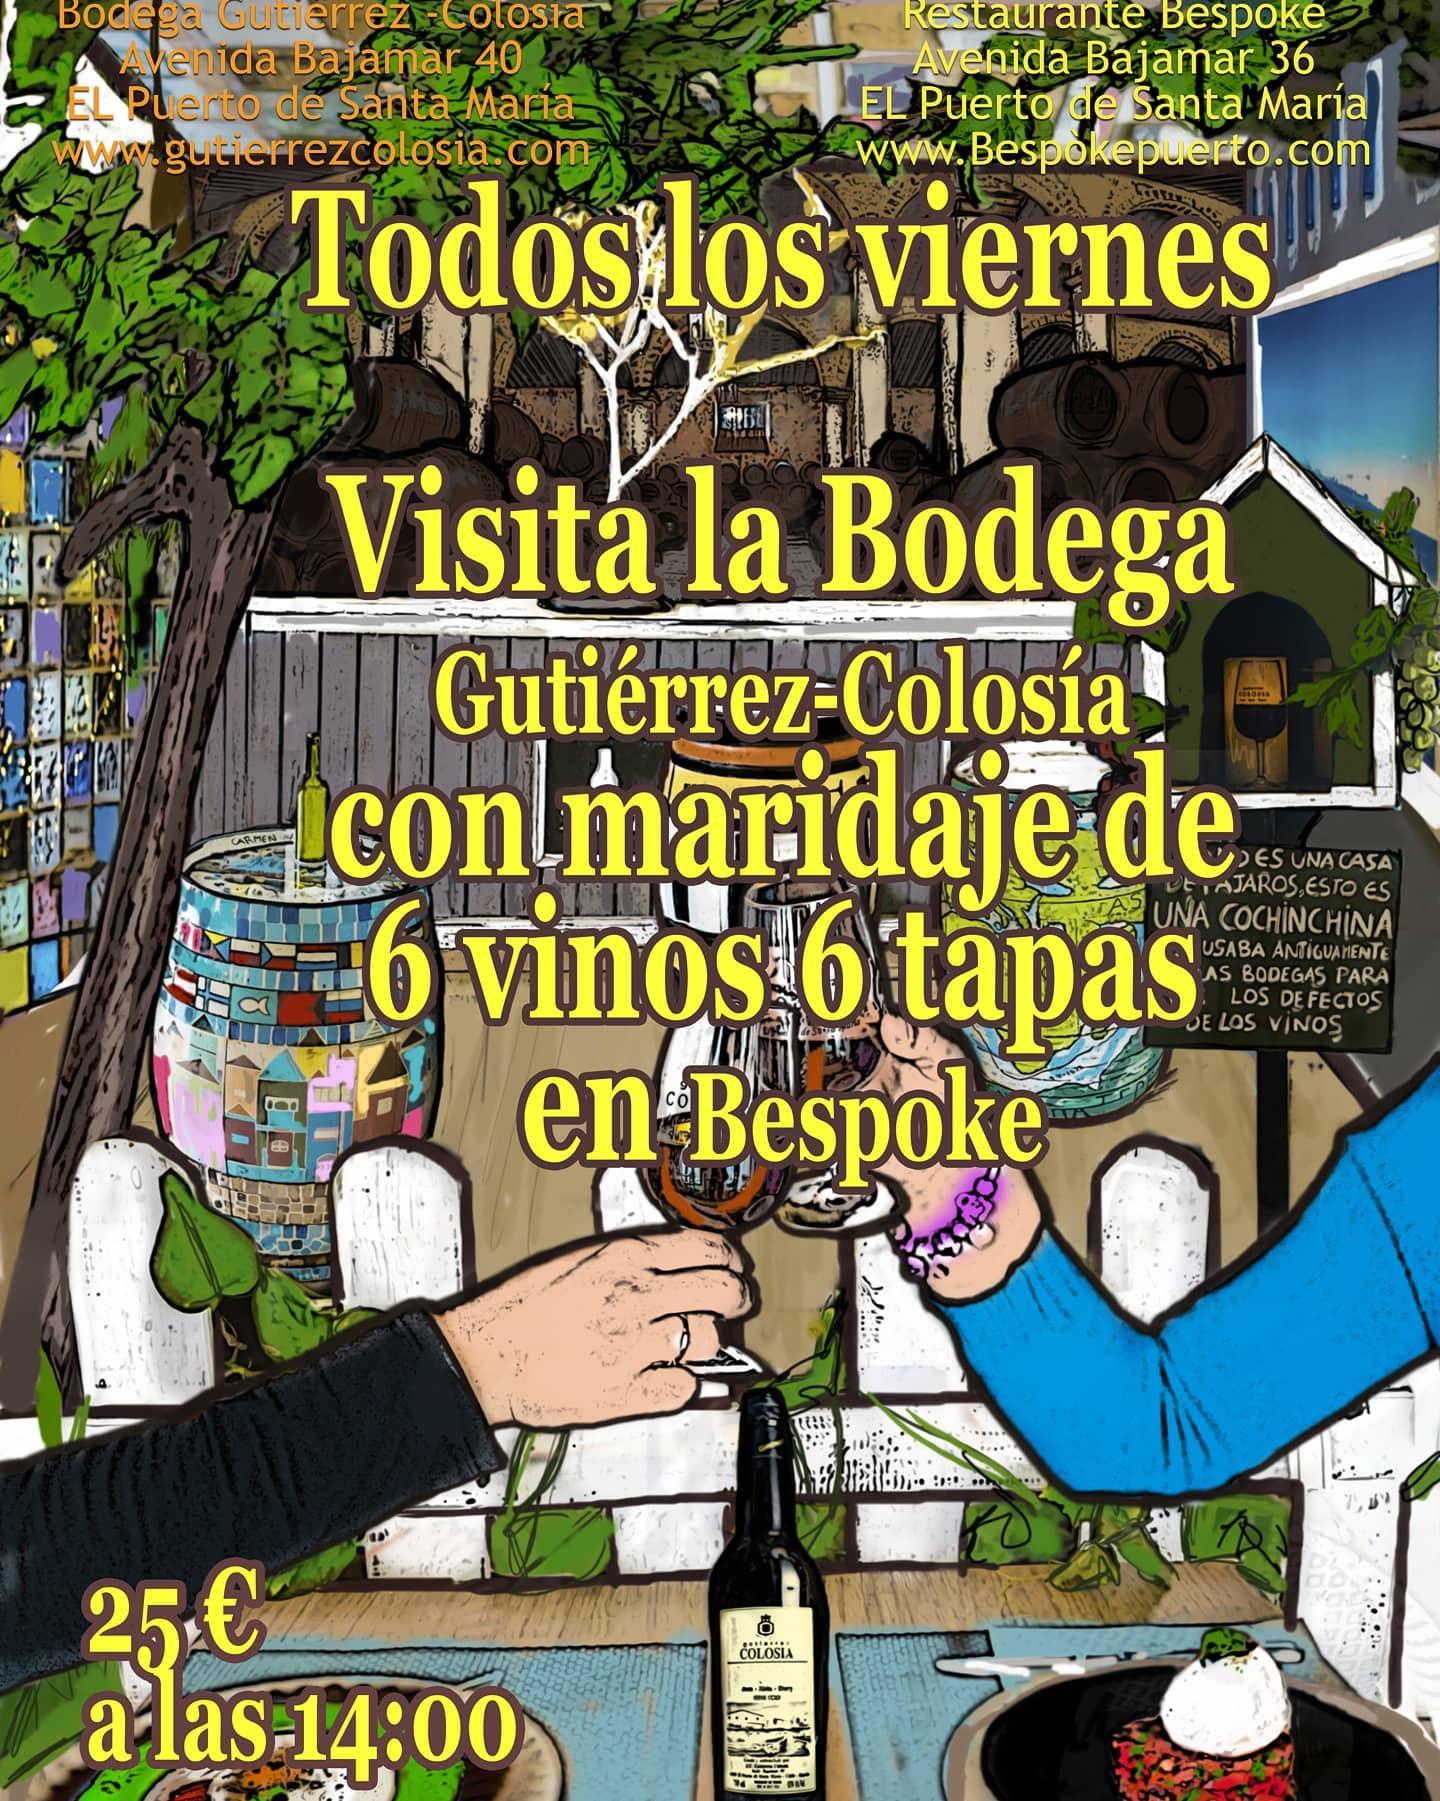 Visita a Bodegas Gutiérrez-Colosía y Cata de 6 vinos maridados con 6 tapas en Bespoke